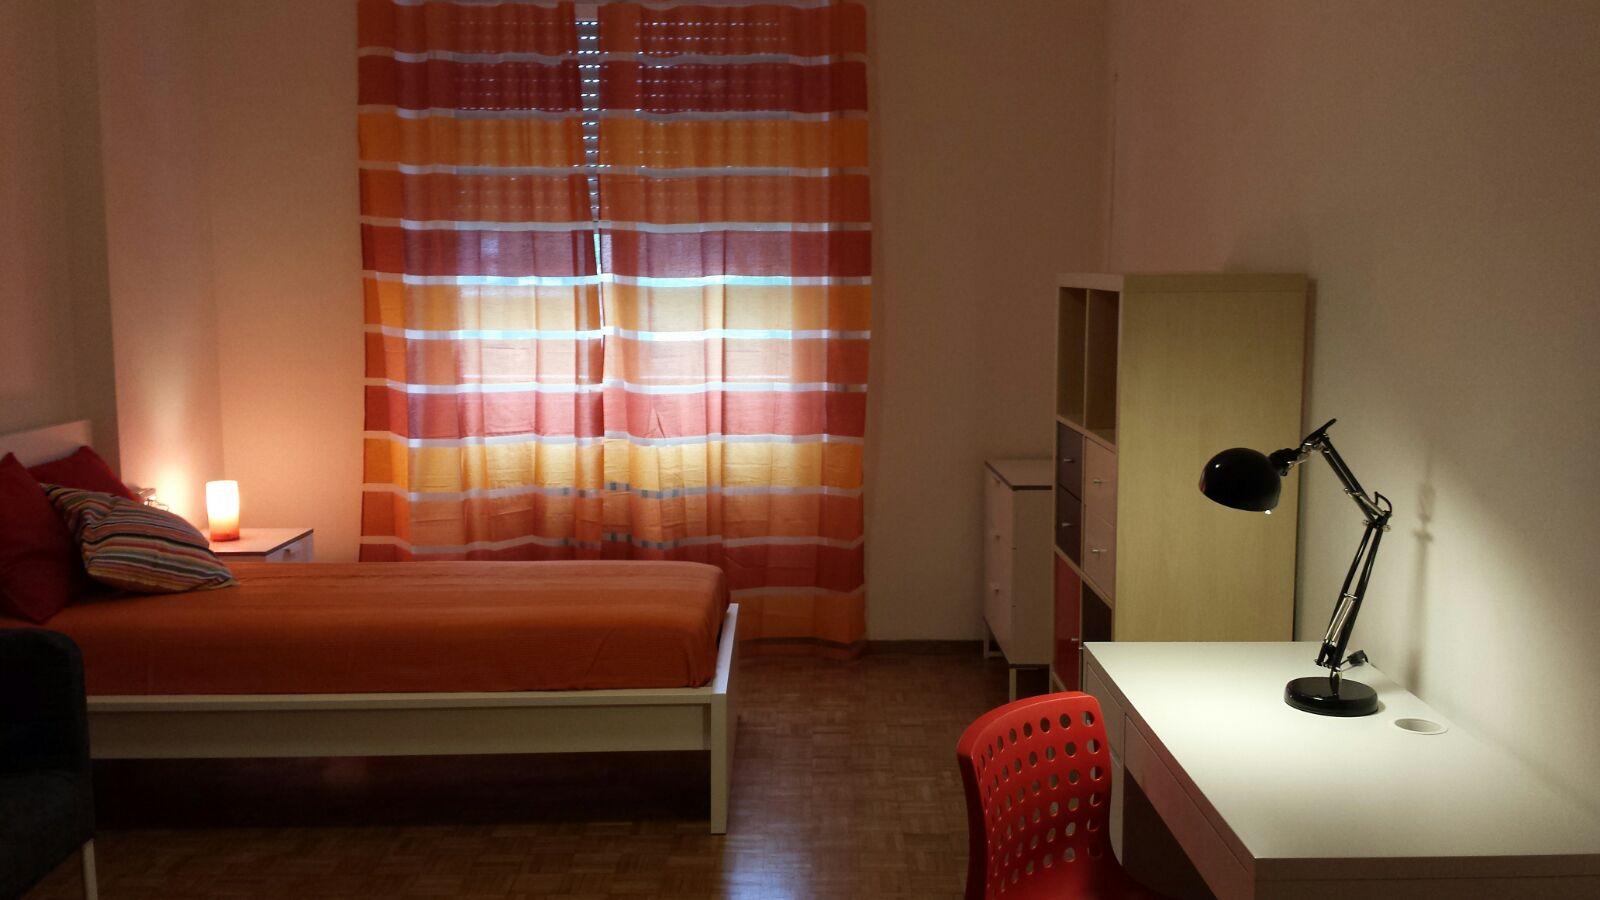 Via Lecco 49  Stanza 11